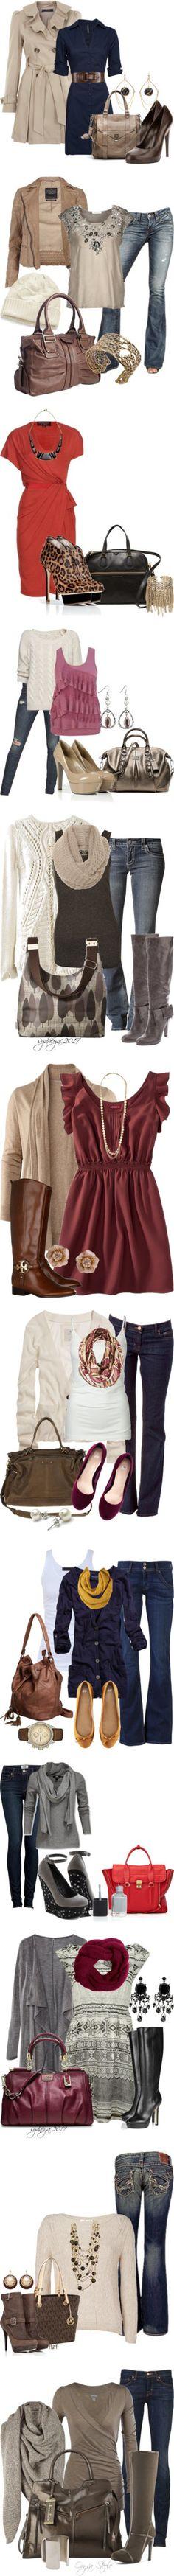 Colder weather wardrobe